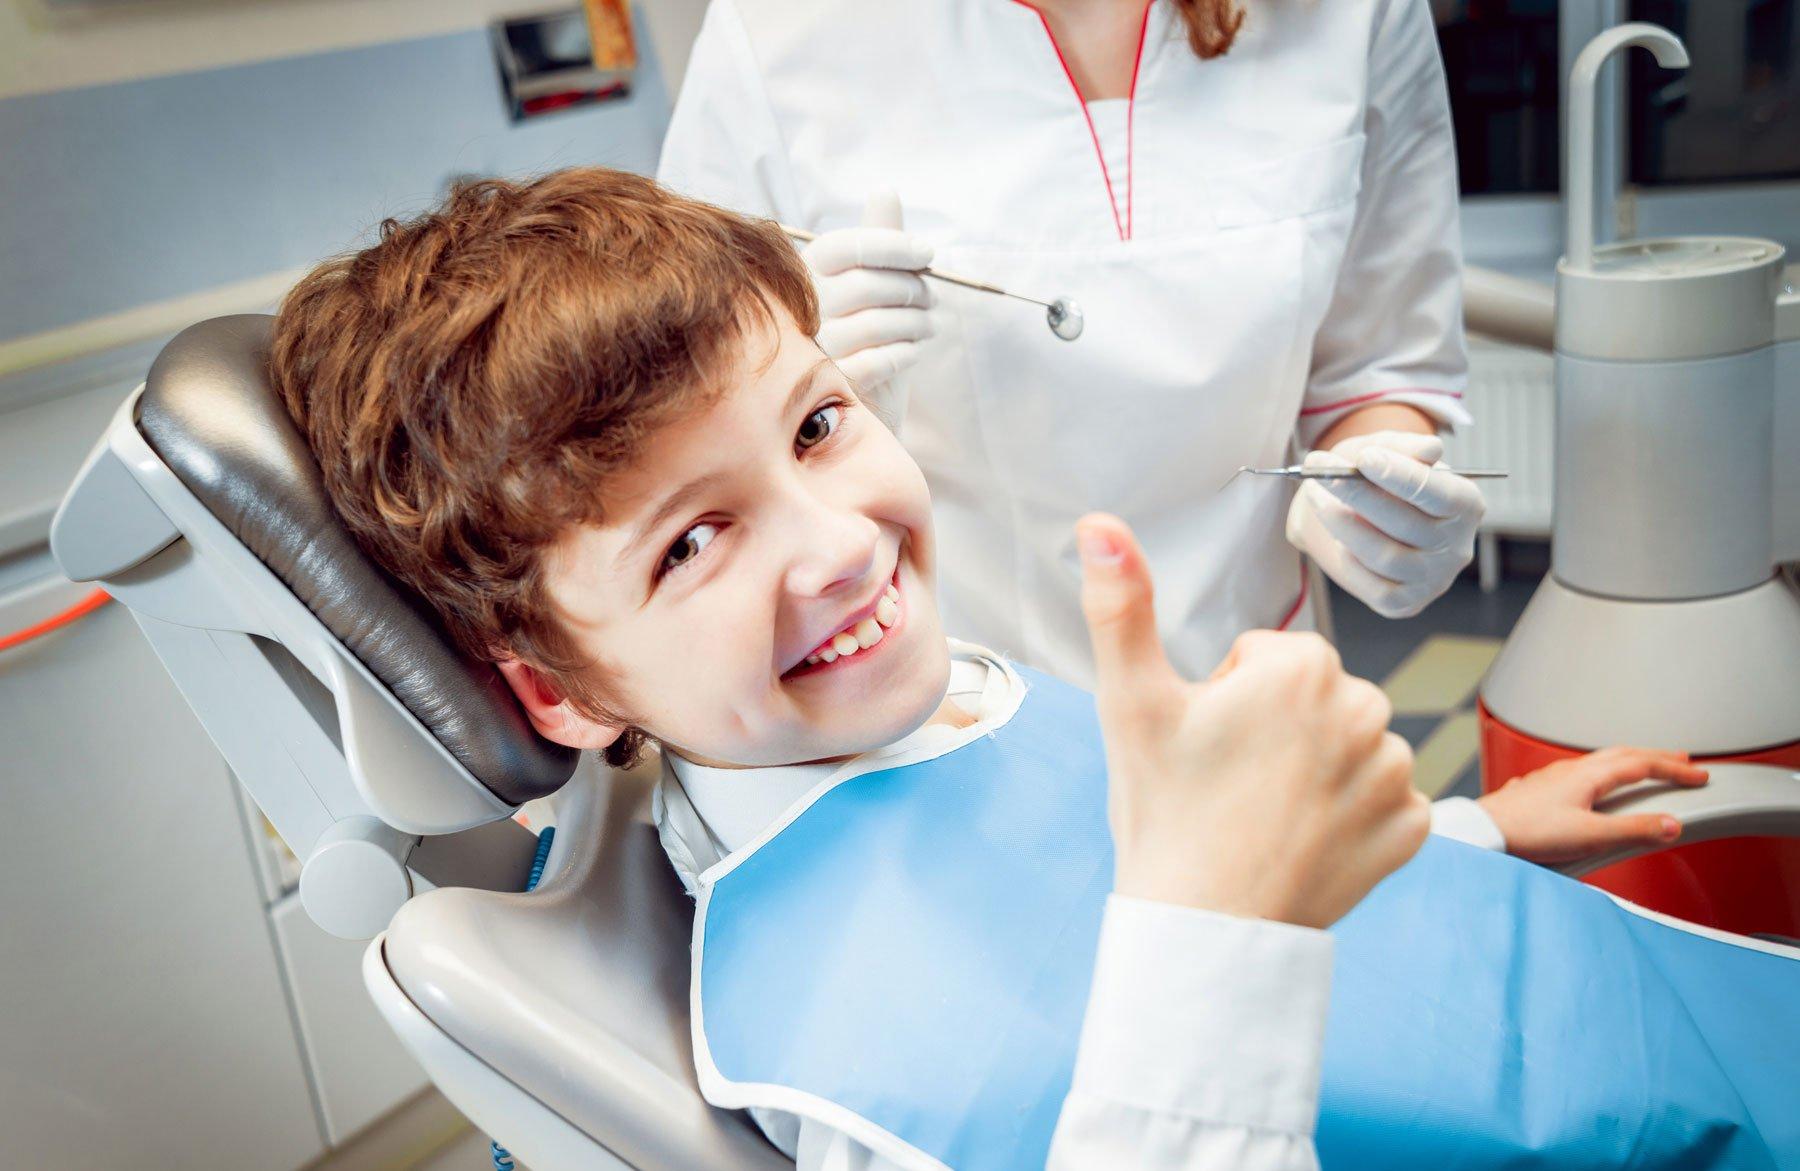 Visita dentistica per bambini presso Odontotraona a Traona (SO)